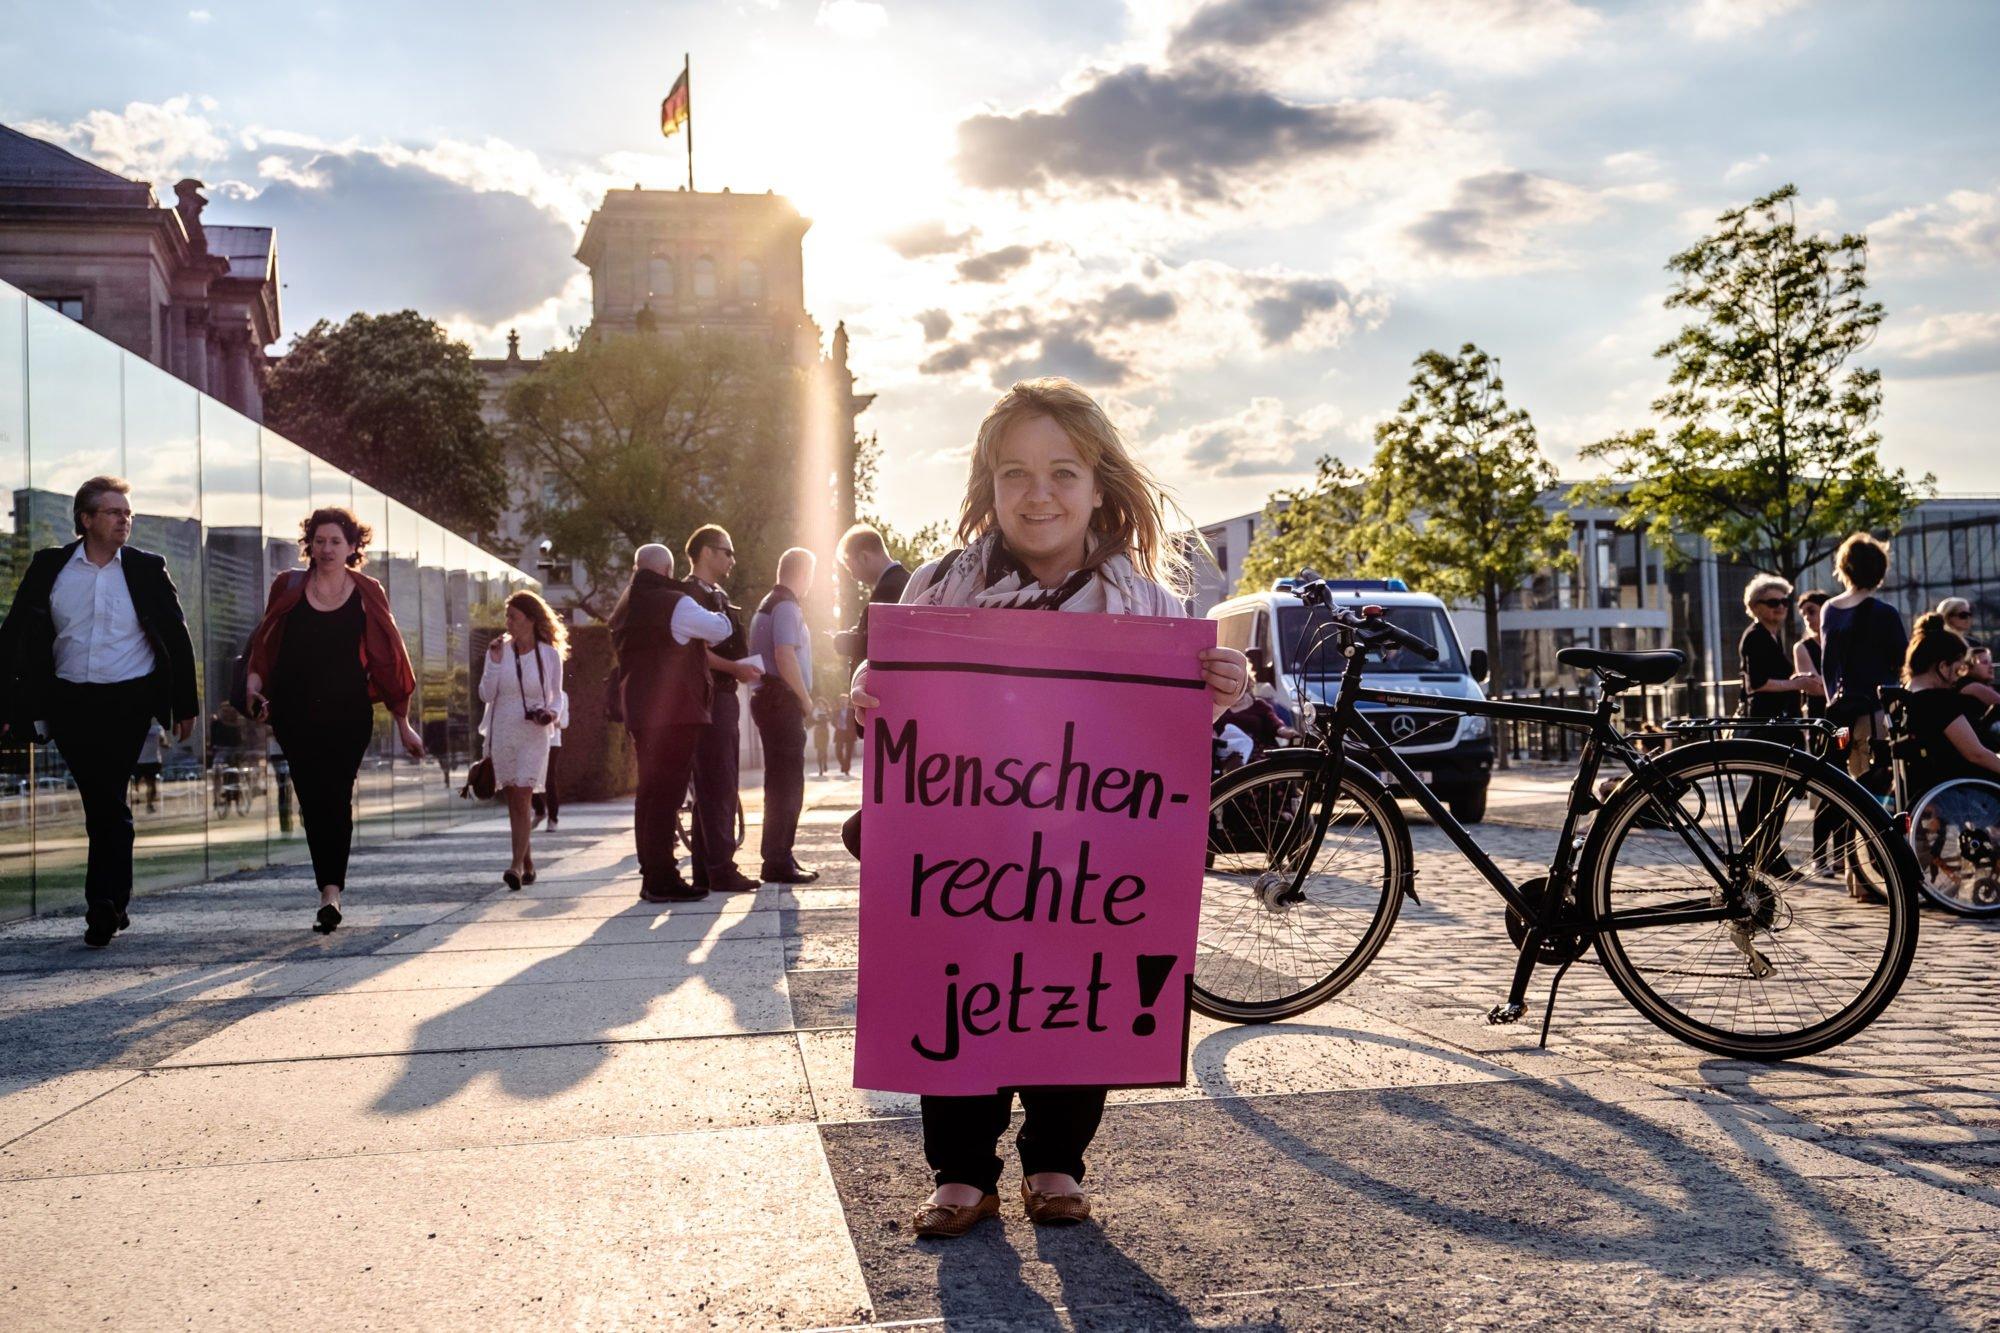 """Eine Frau mit Kleinwuchs demonstriert in Berlin, vor dem Bundestag. Sie hält ein Plakat in den Händen auf dem steht: """"Menschenrechte jetzt!""""."""